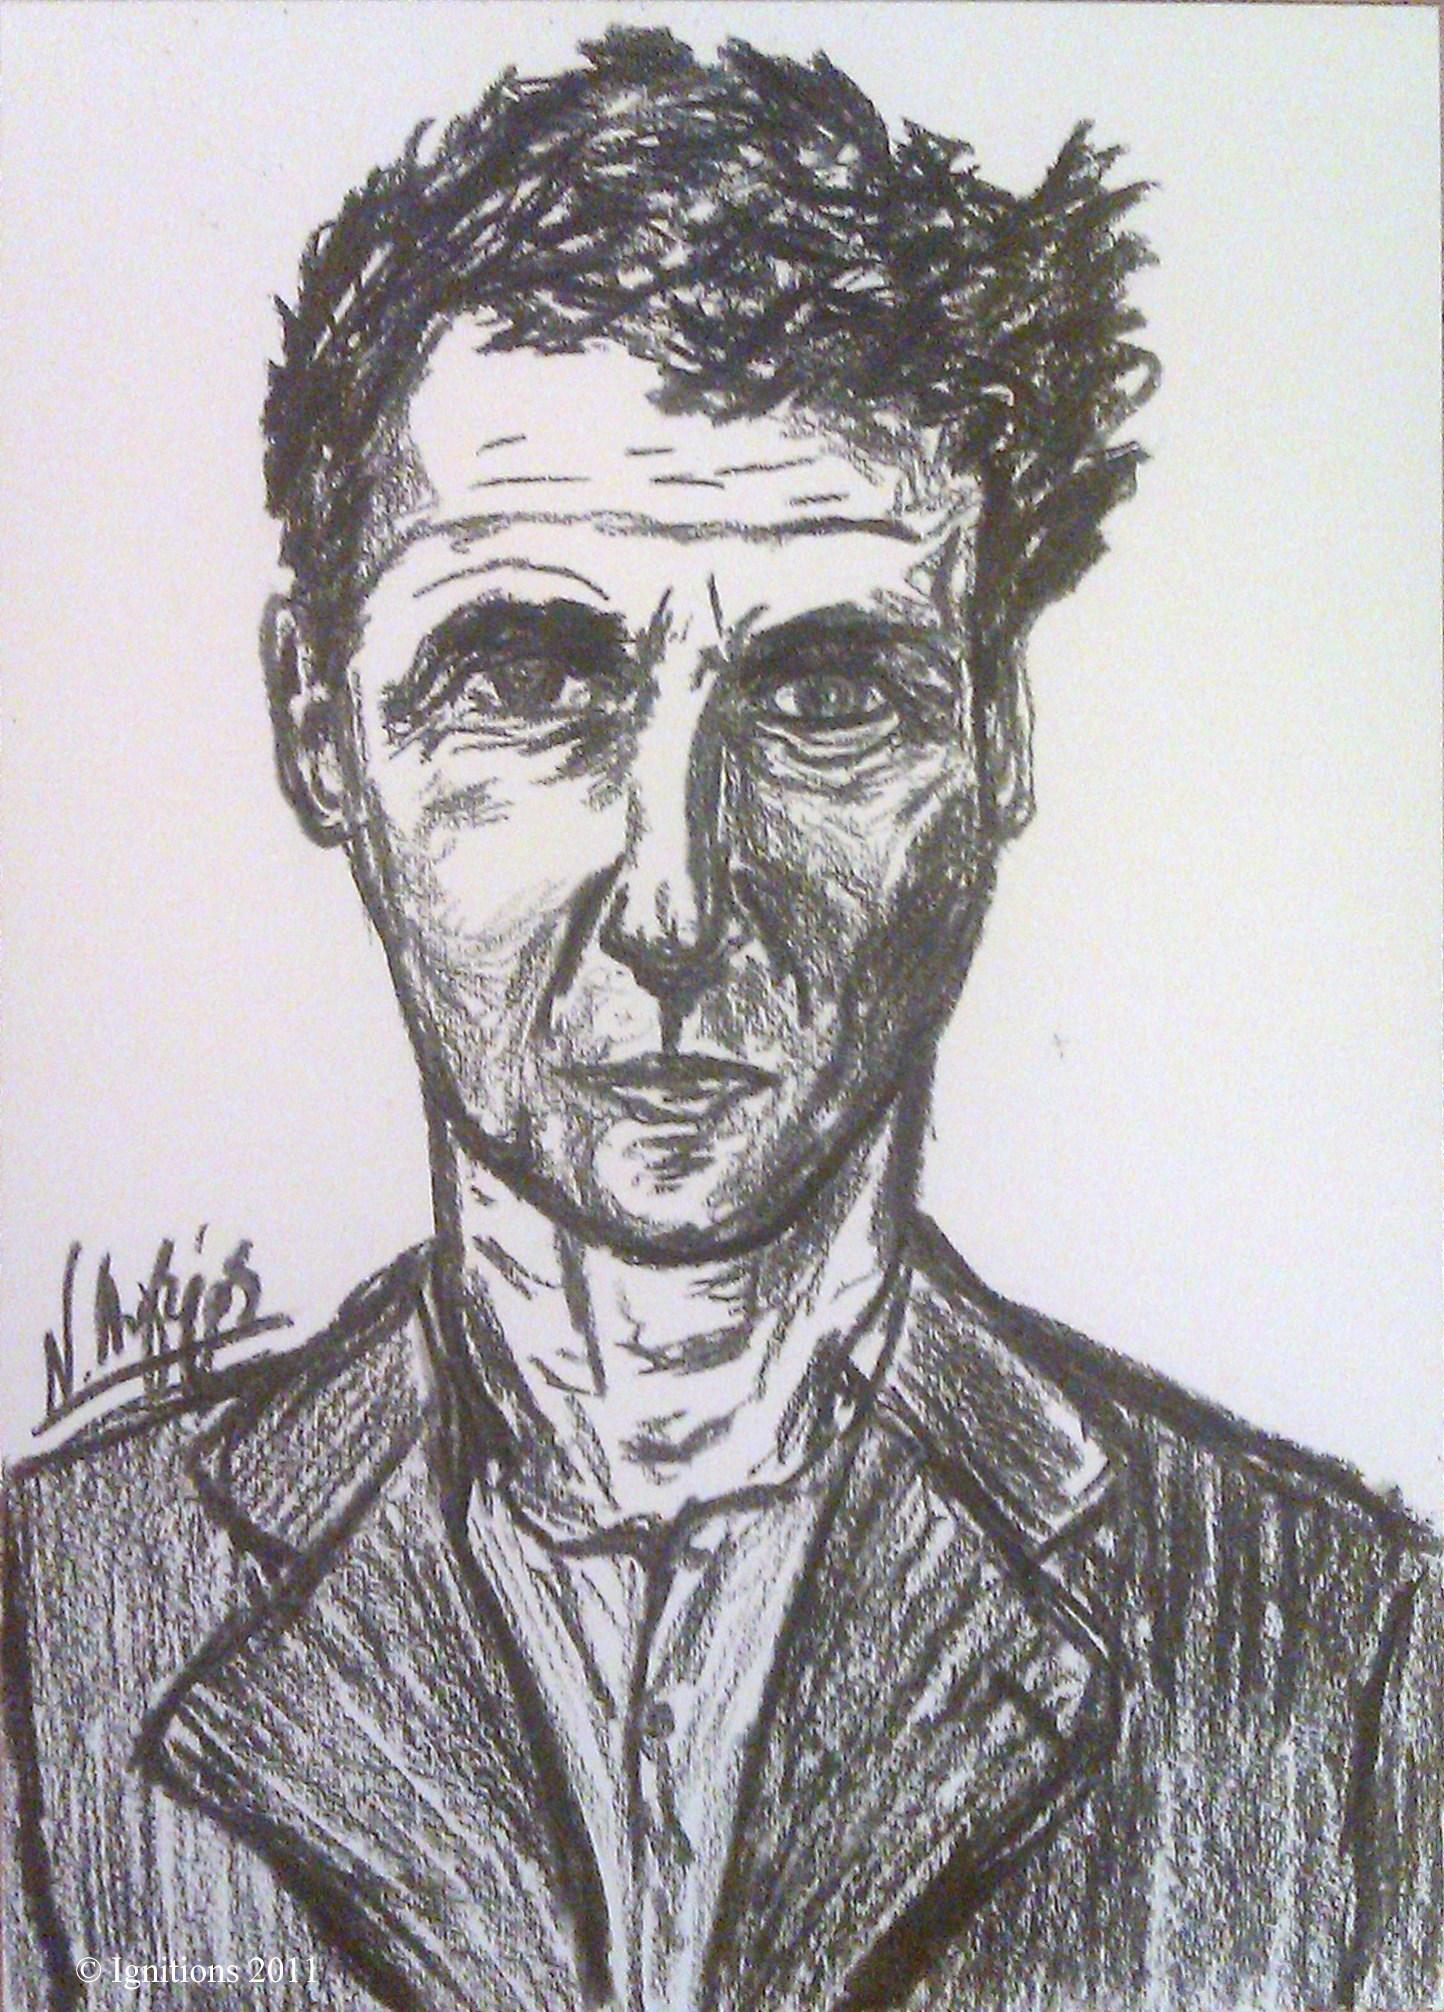 Ludwig Wittgenstein (1889-1951).